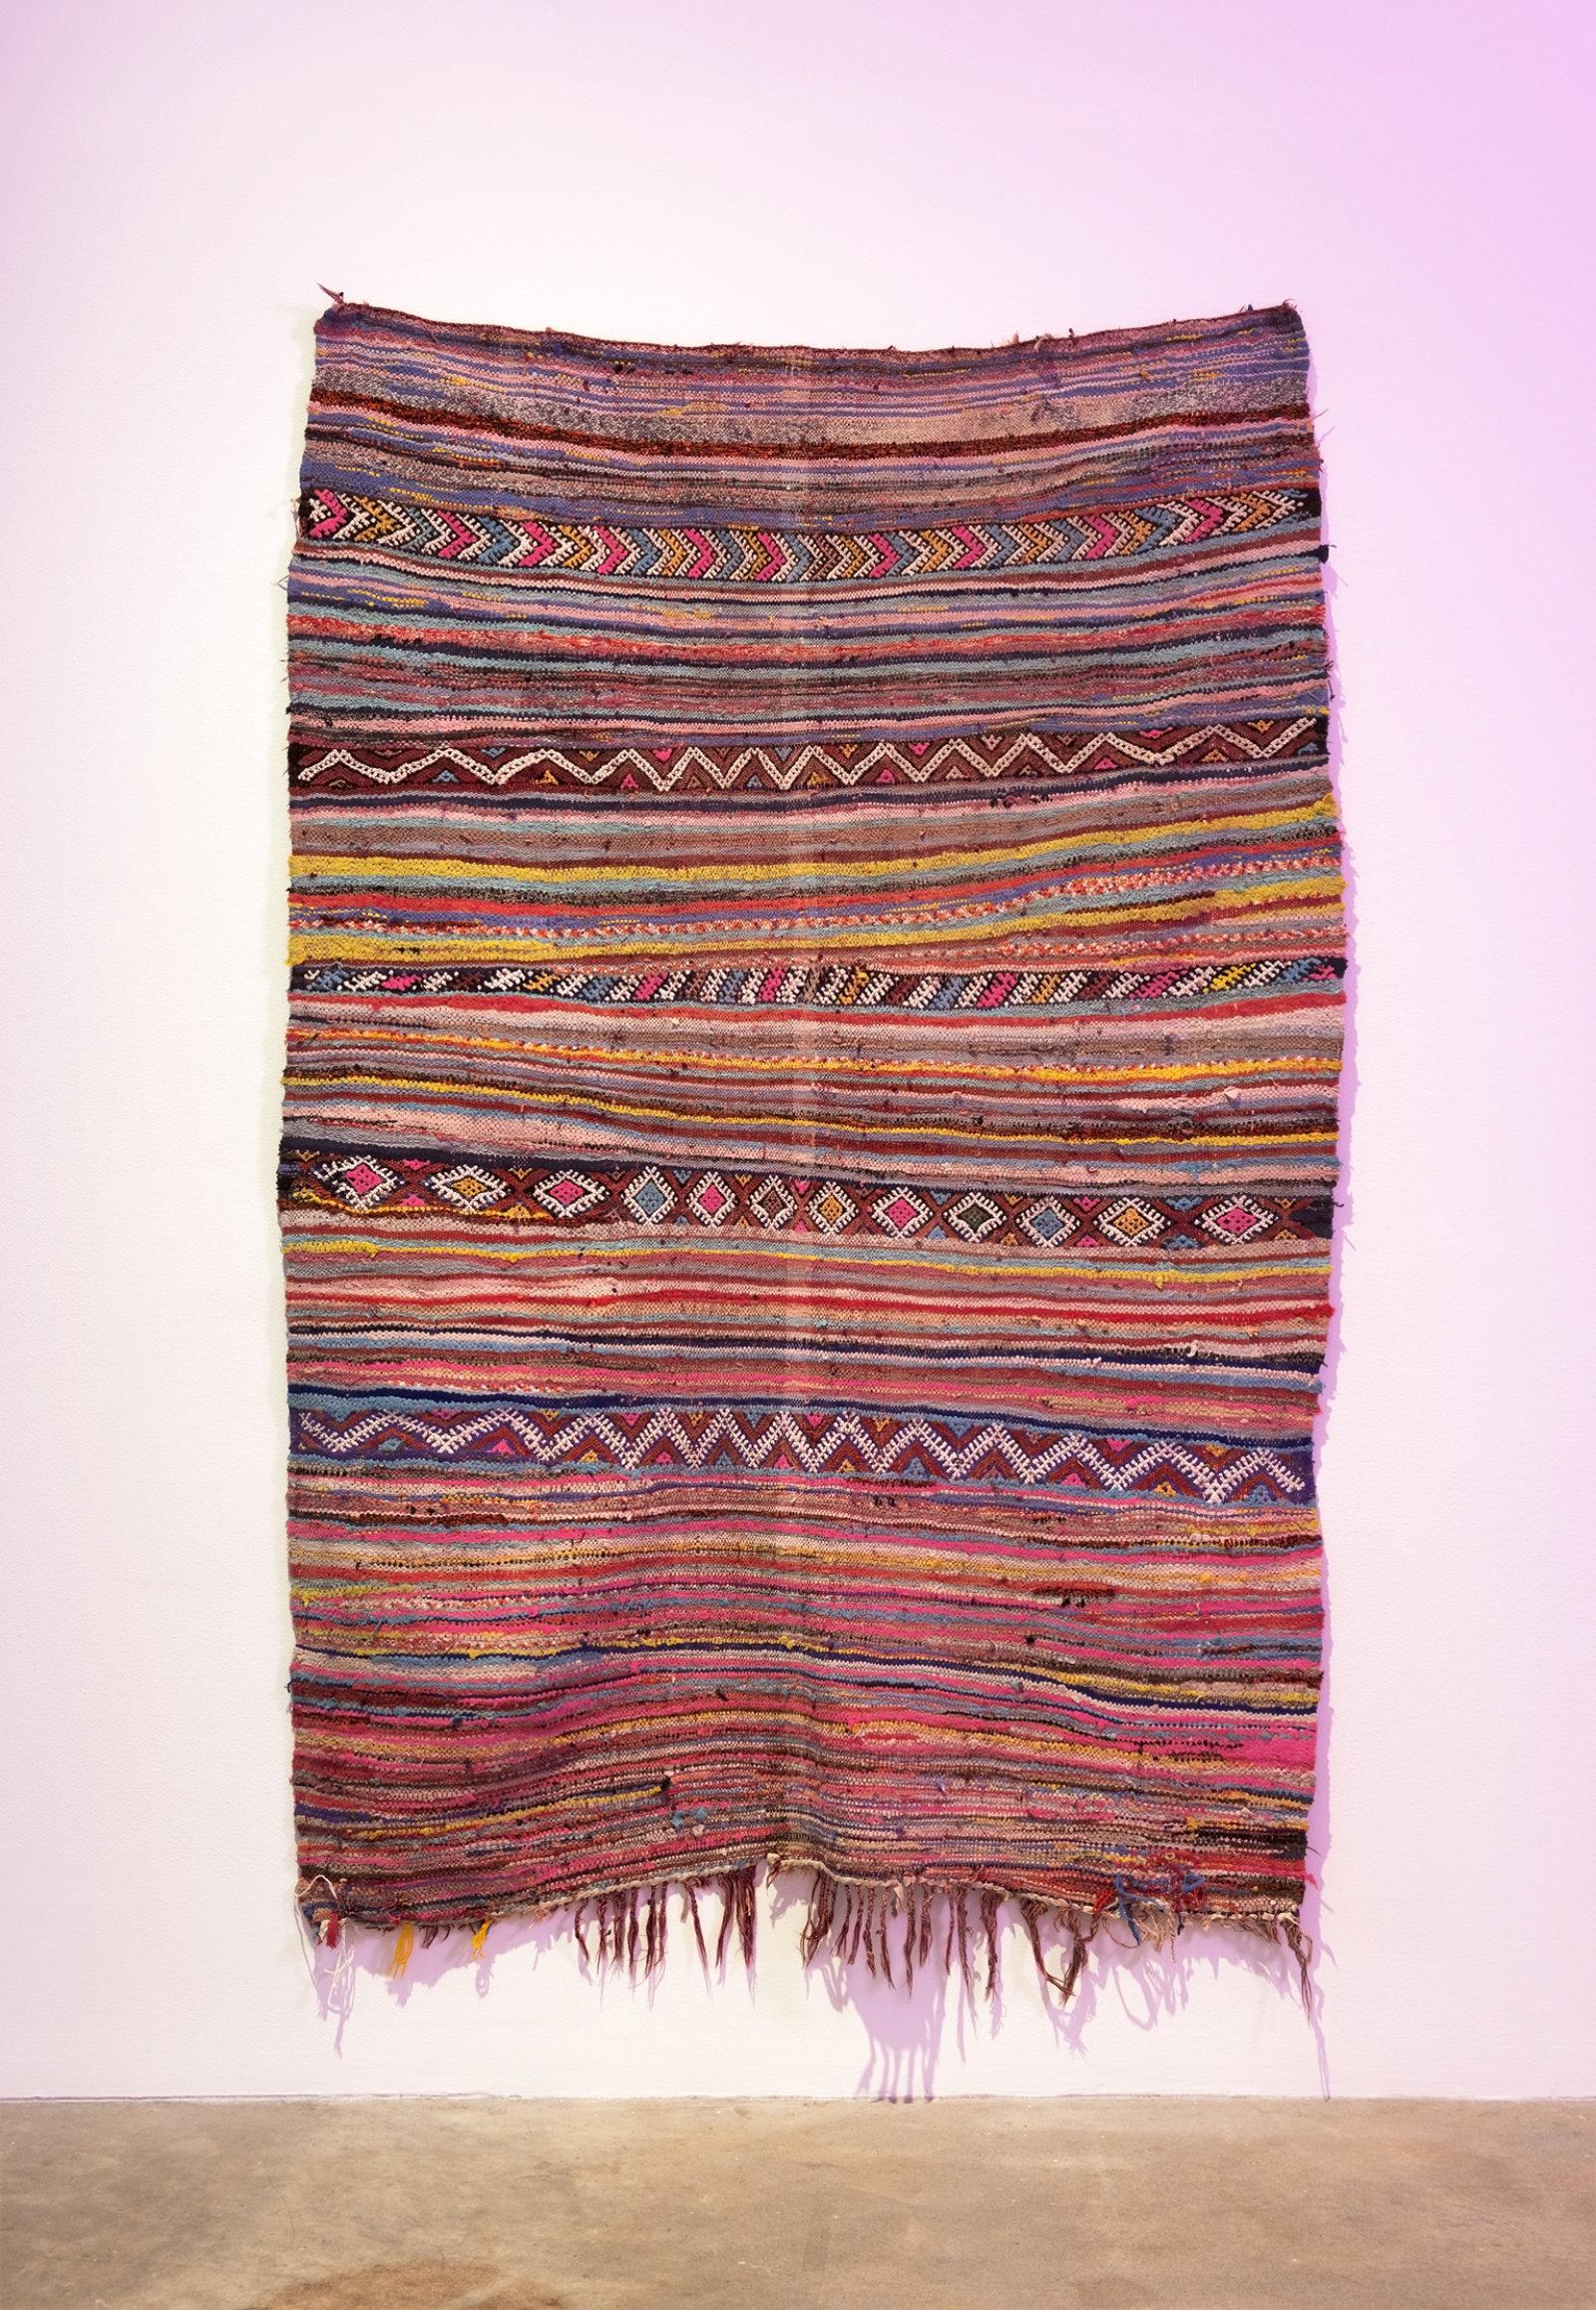 Myfanwy MacLeod, bouwakhkhiya, 2015, vintage hand-woven Moroccan Boucherouite rug, 74 x 47 in. (188 x 119 cm) by Myfanwy MacLeod